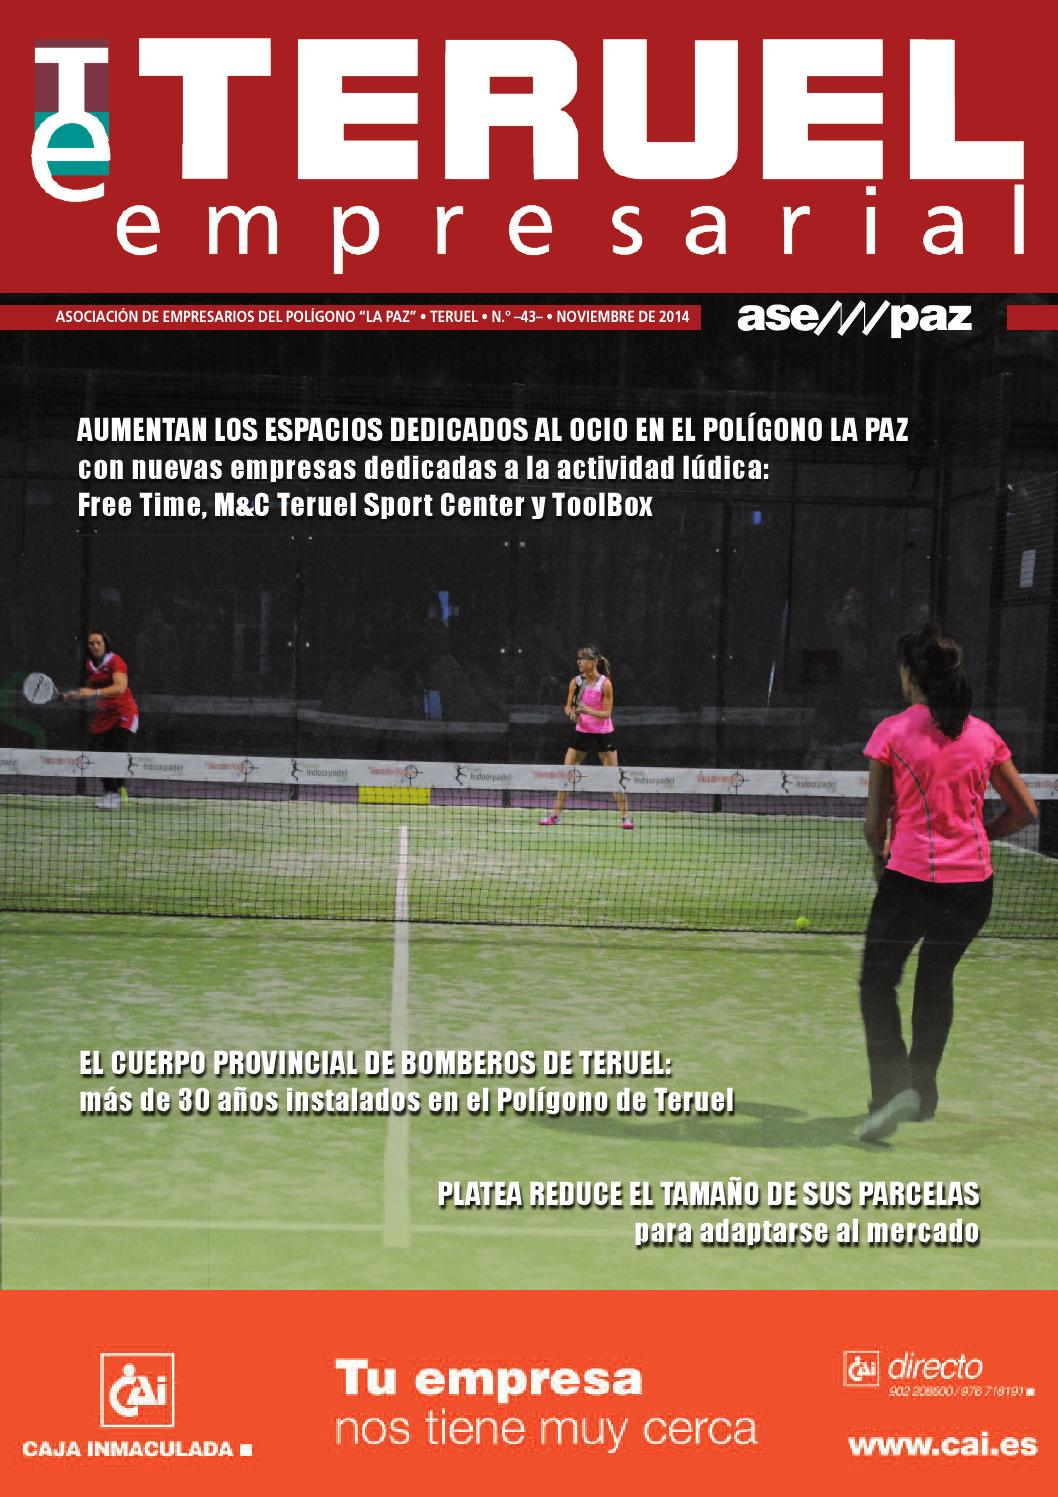 Revista Teruel Empresarial N 43 By Asempaz Asoc De Empresarios  # Muebles Jover Teruel